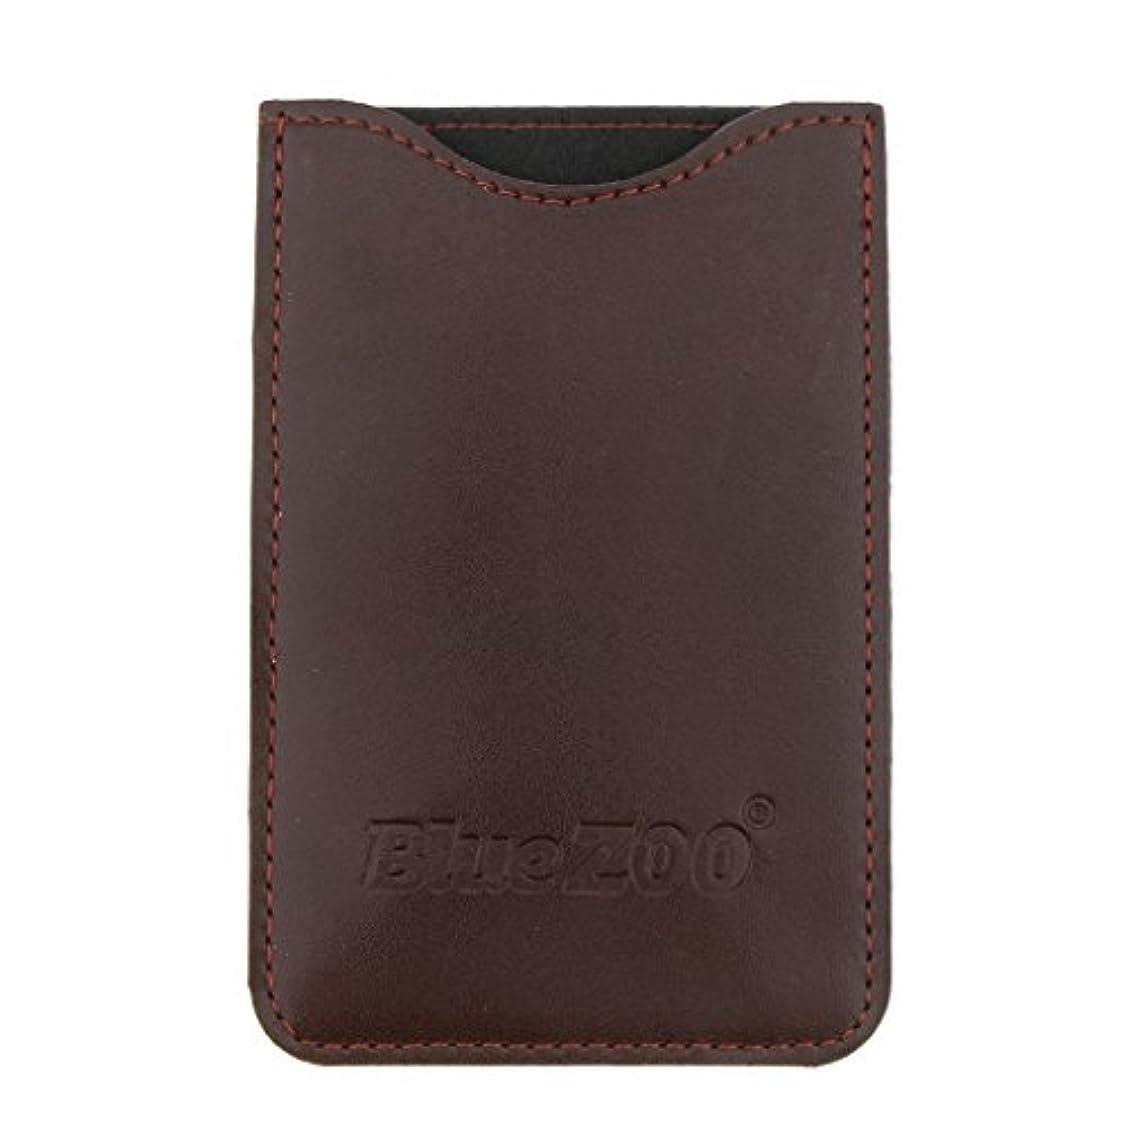 流出液化するチャップ木製のポケットヒゲの櫛の保護収納ポーチ、小さな櫛PUレザーケース - 褐色